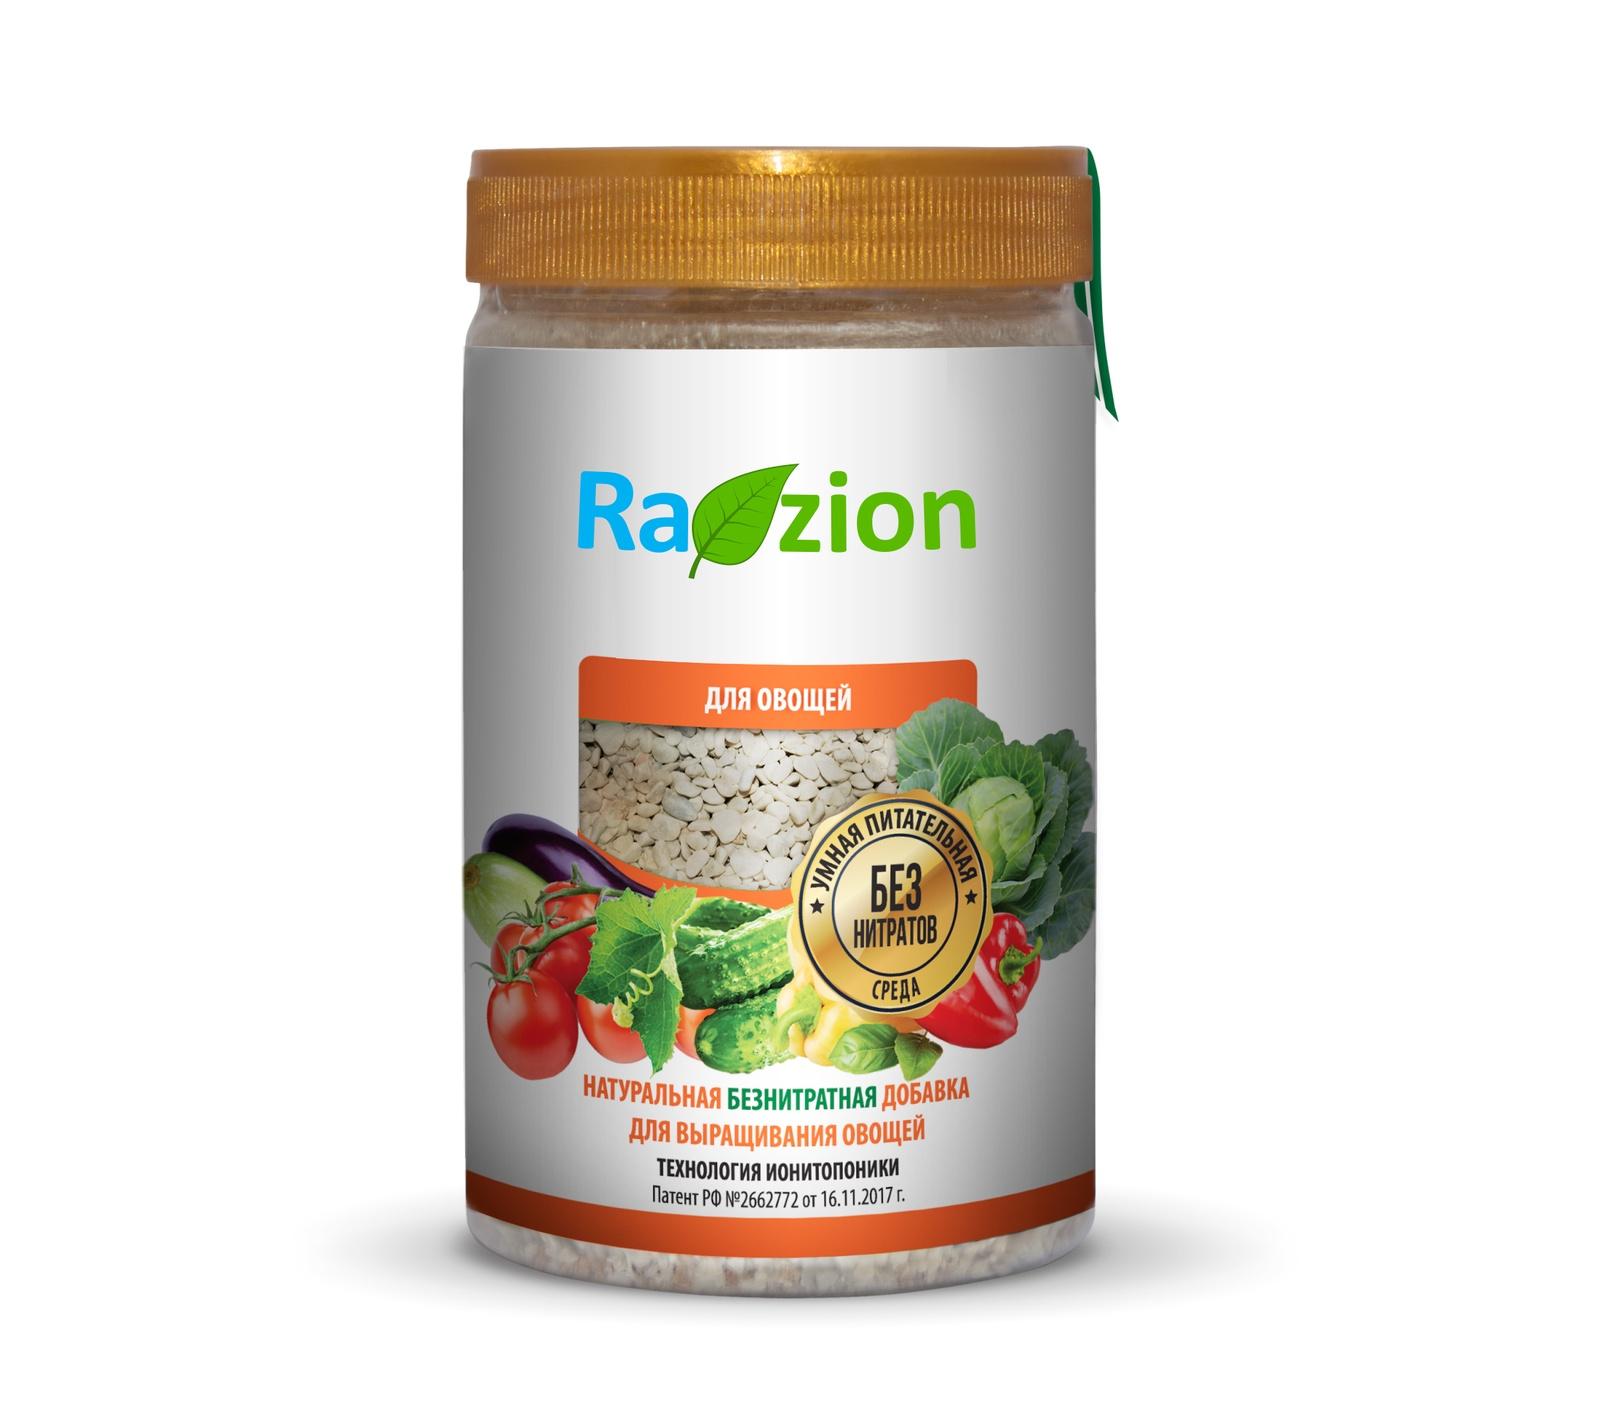 Удобрение RAZION для овощей, комнатных растений, рассады. Улучшитель грунта